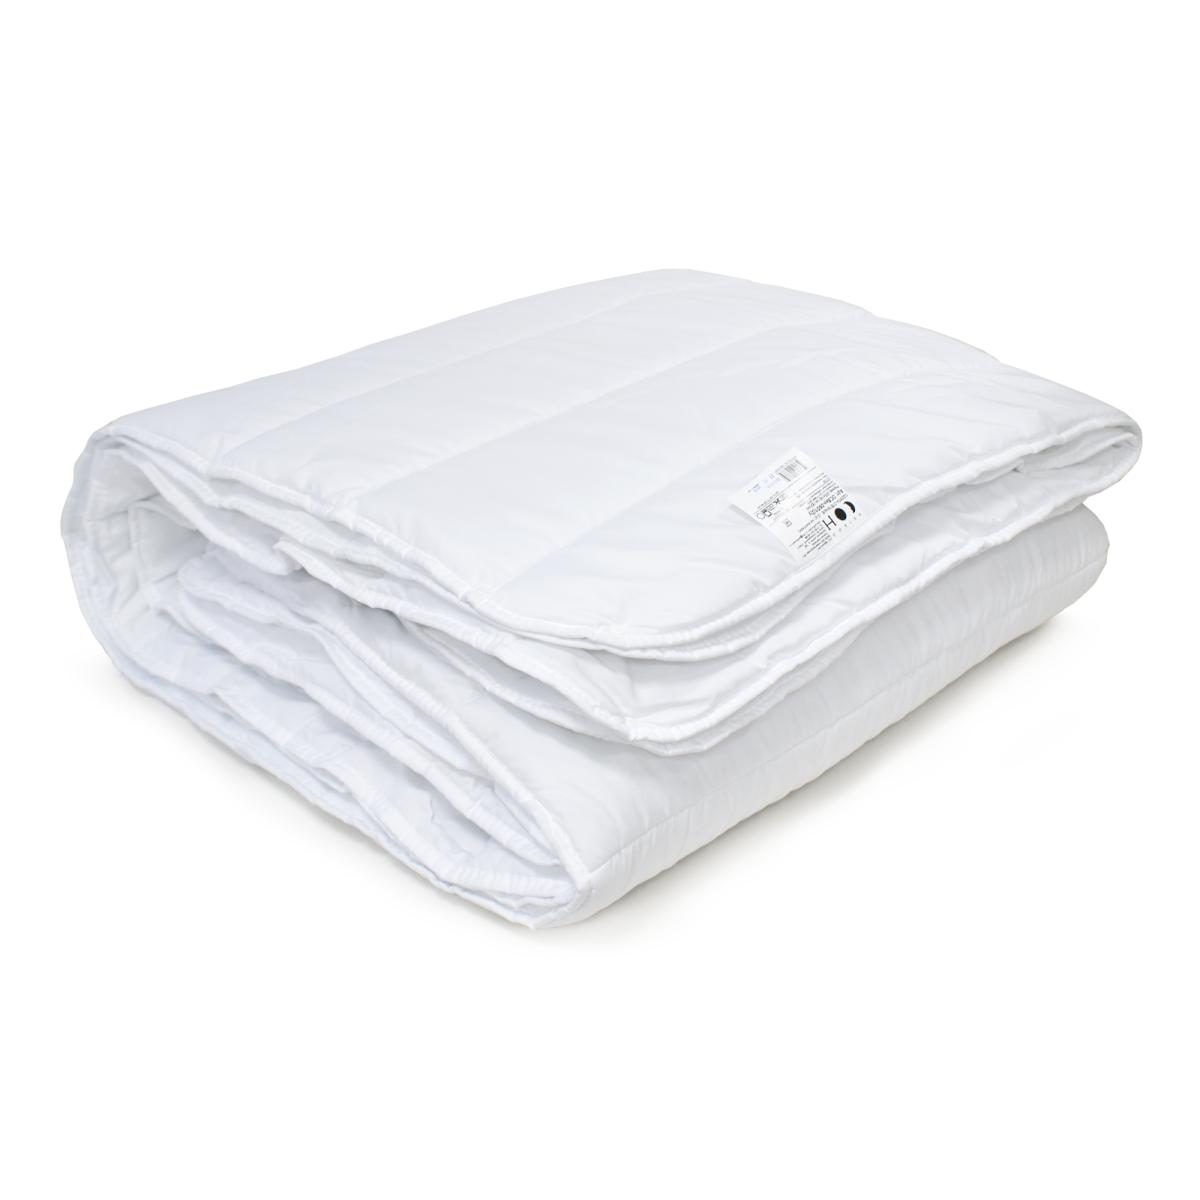 Комплект одеял Мягкий сон «Времена года» 205х140 см полиэфирное волокно